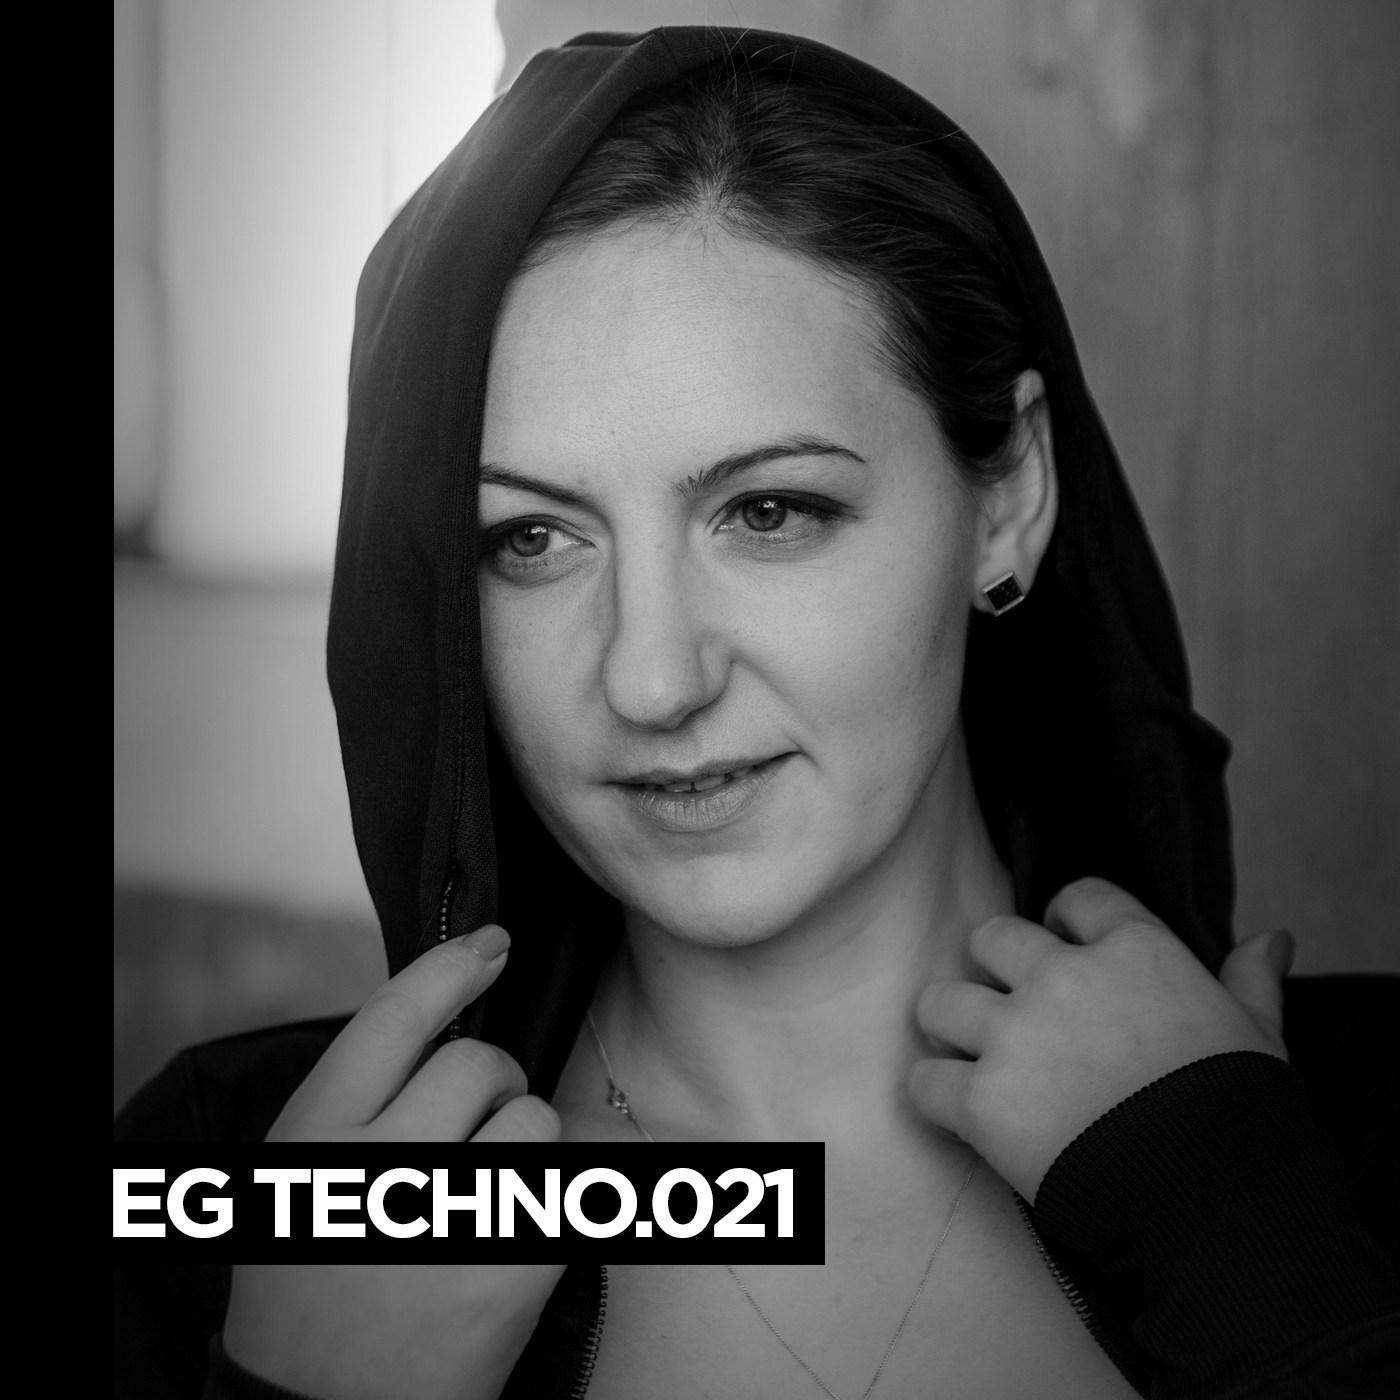 Eg-techno-ann-clue